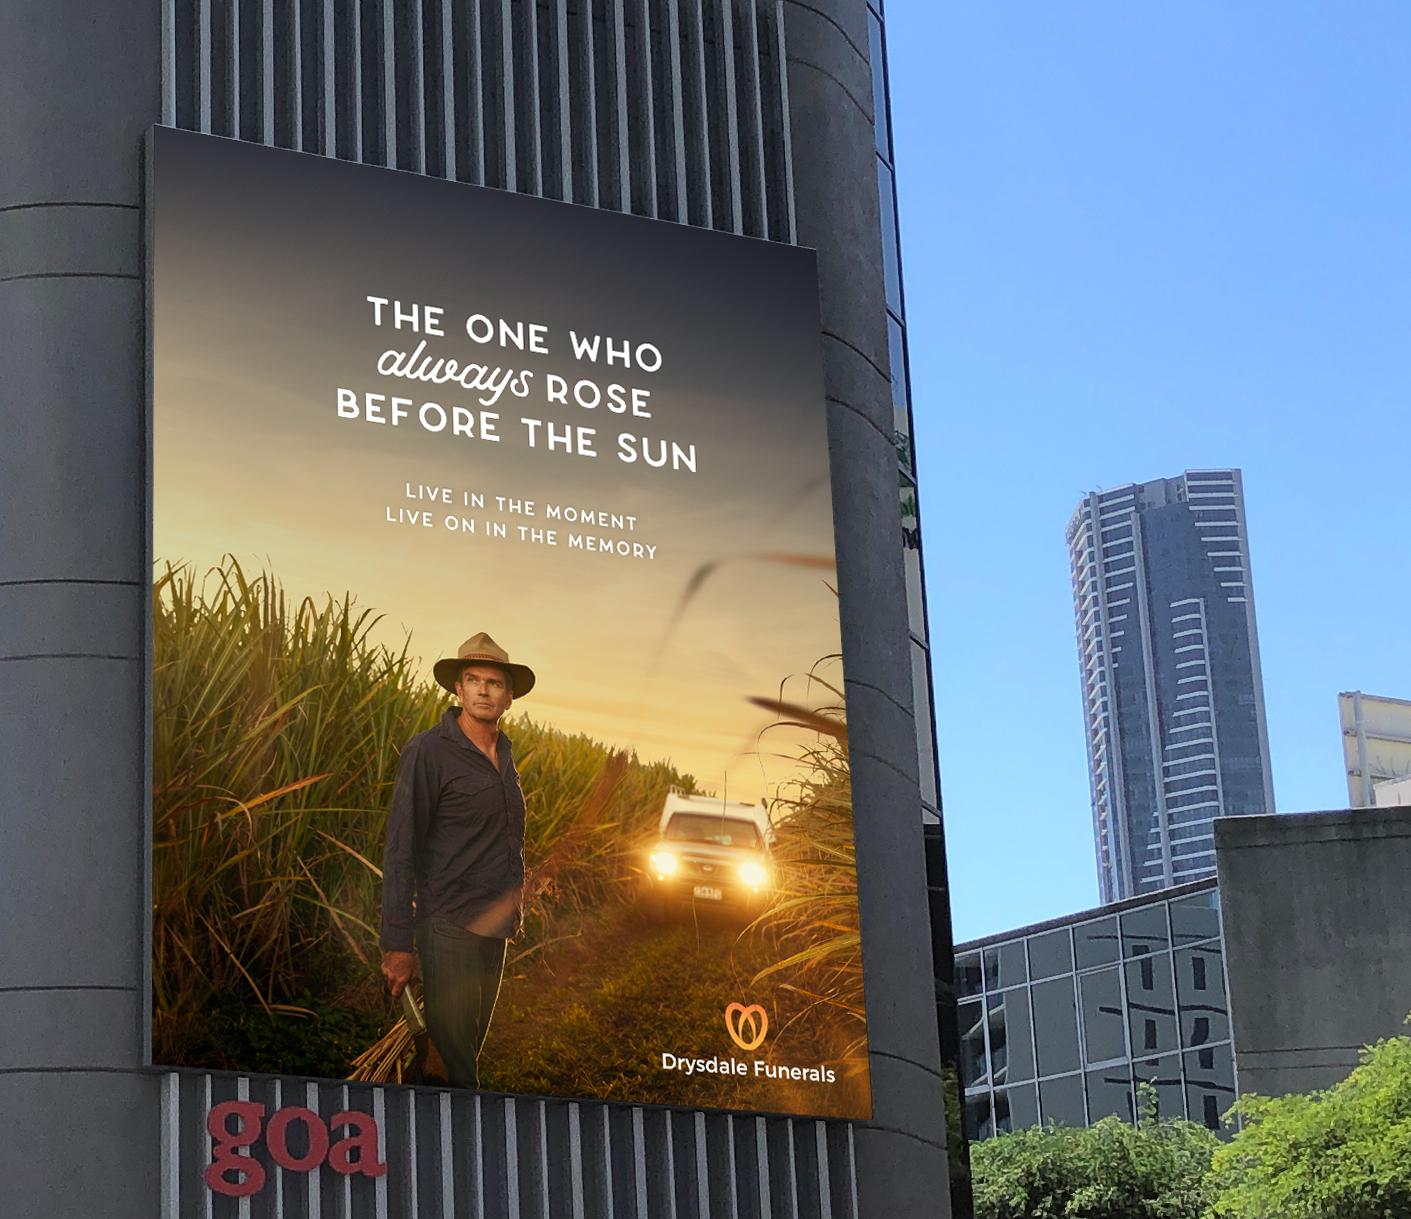 Funeral home company InvoCare celebrates life in latest creative campaign via Driven, Brisbane